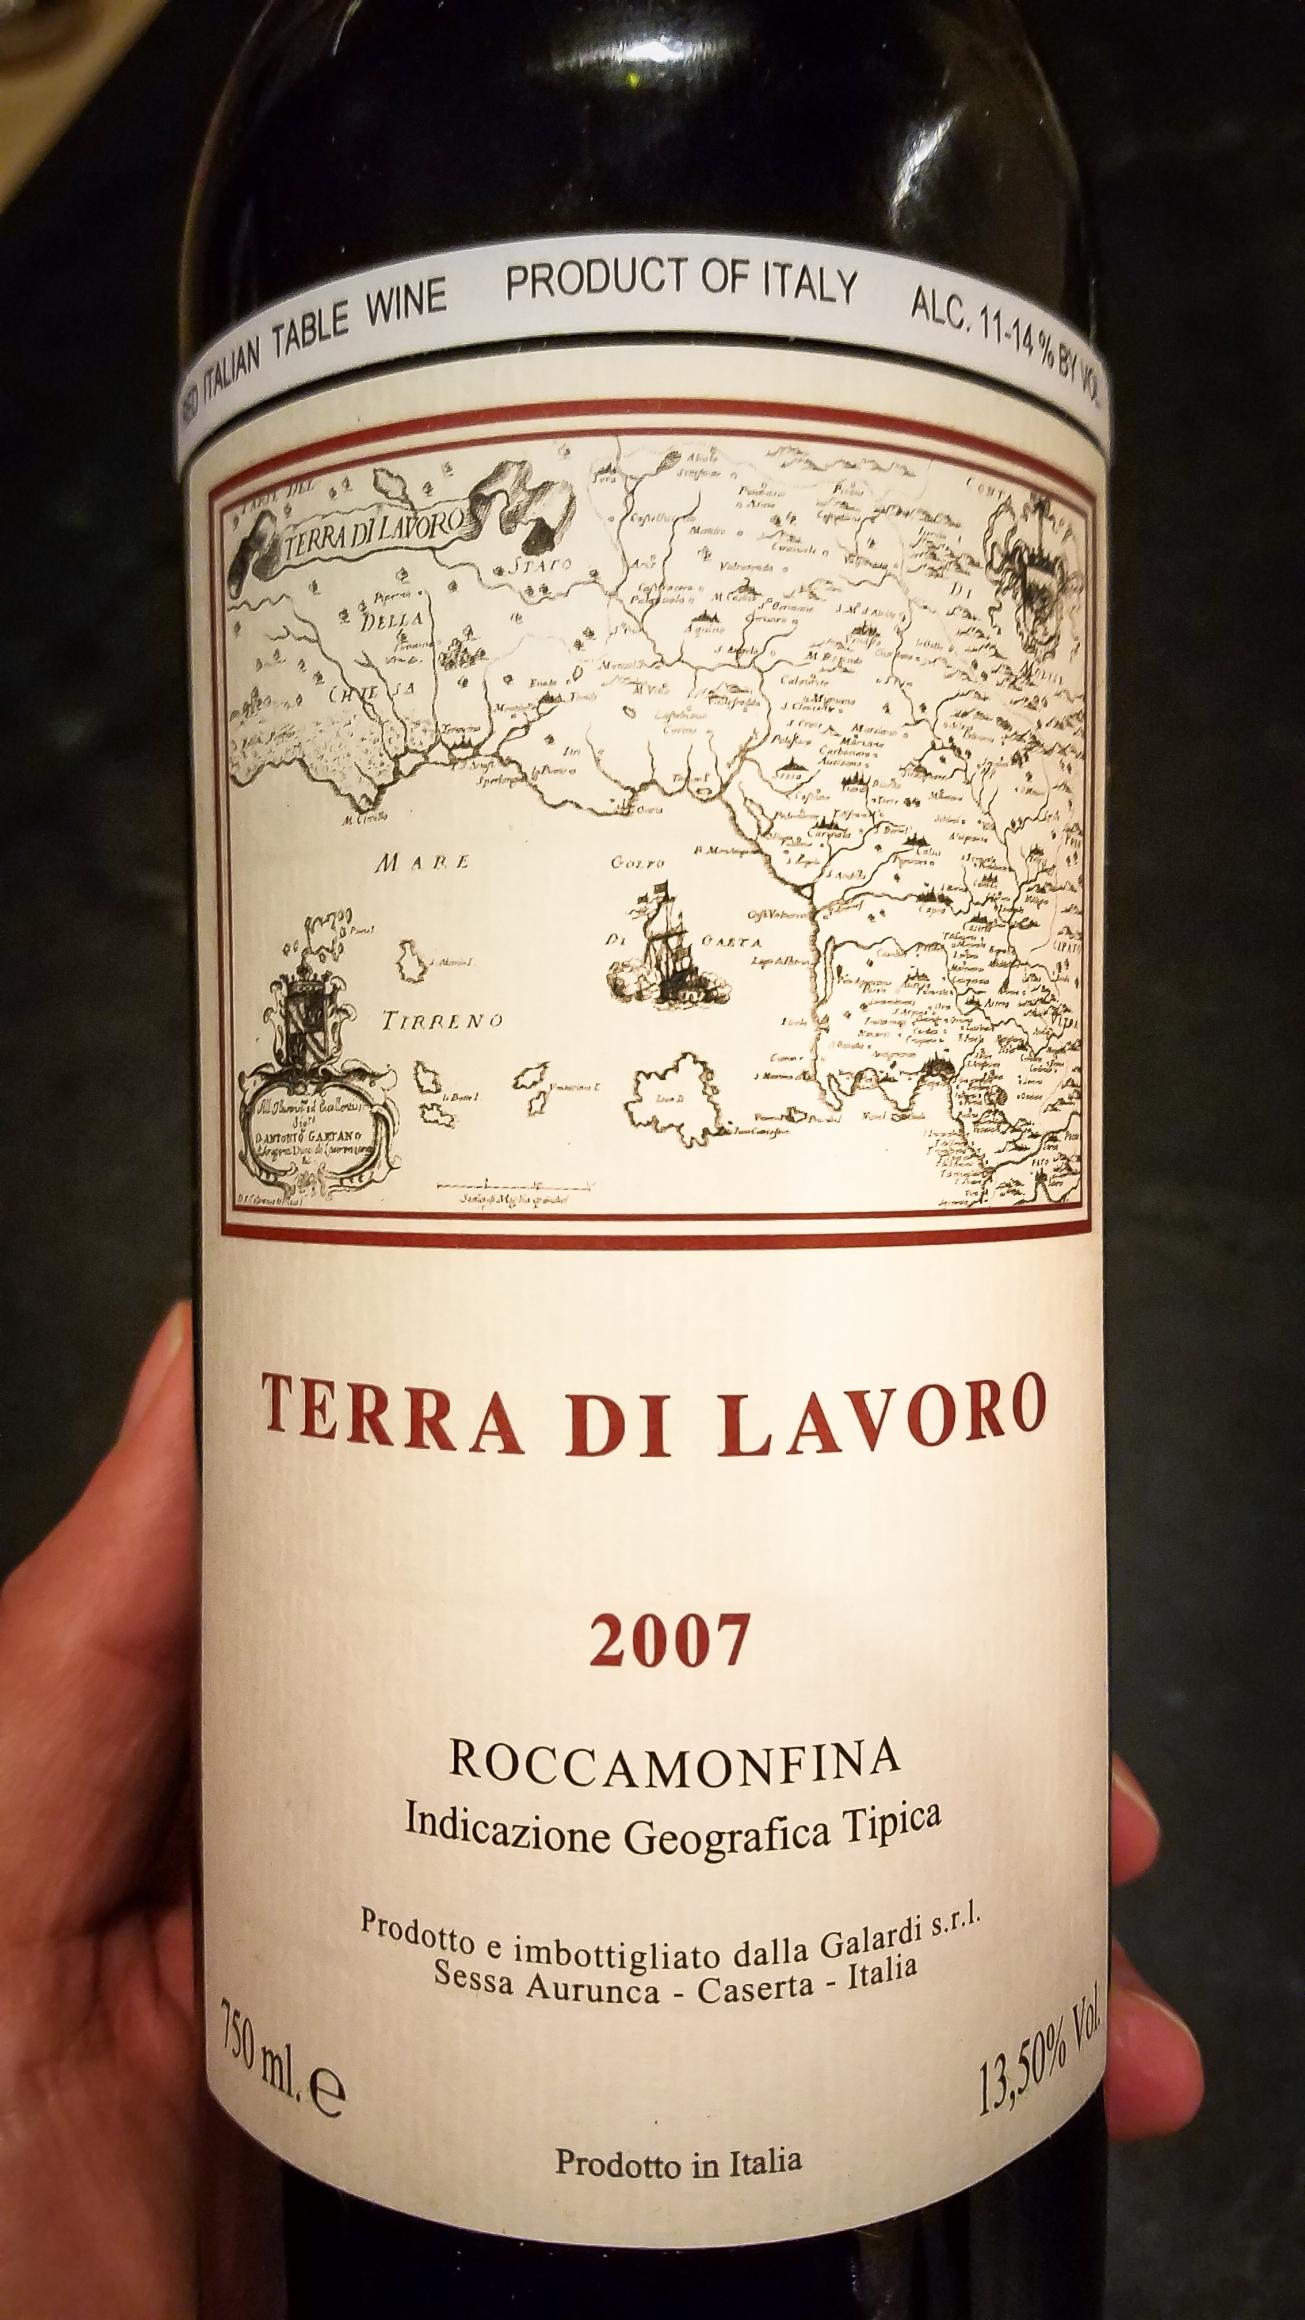 2007 Fattoria Galardi Terra di Lavoro Roccamonfina IGT